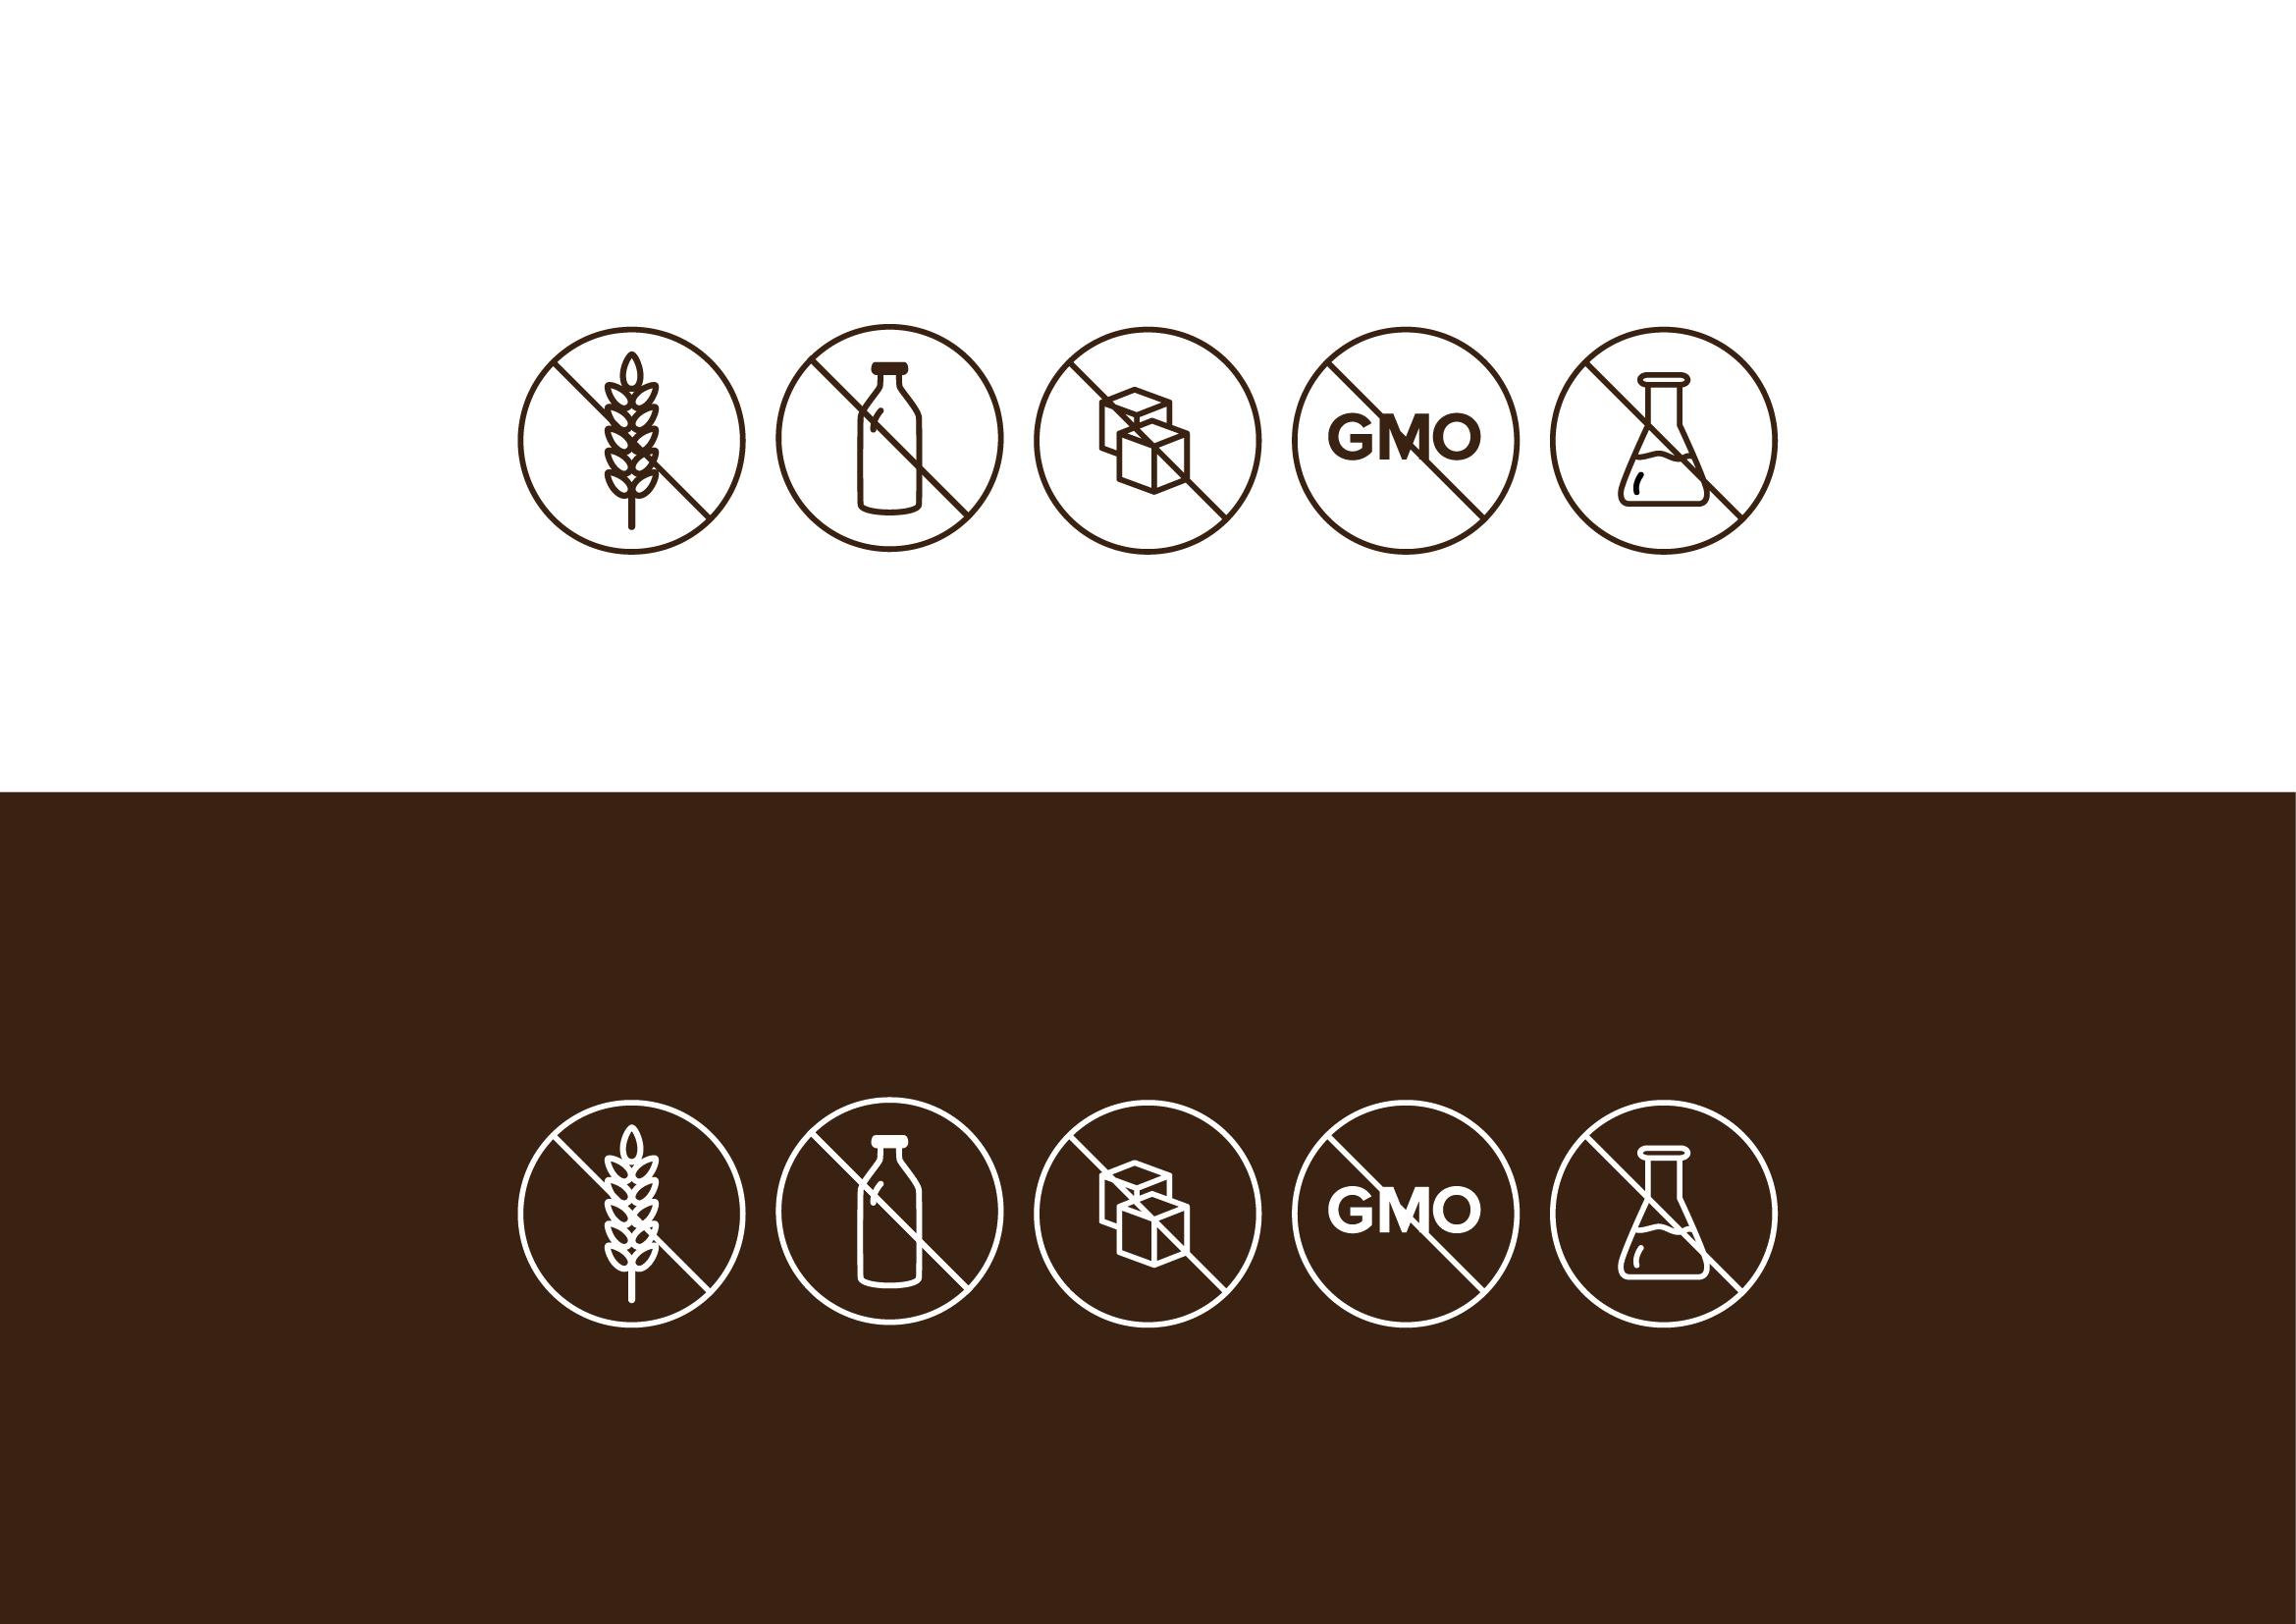 nutric-branding-06